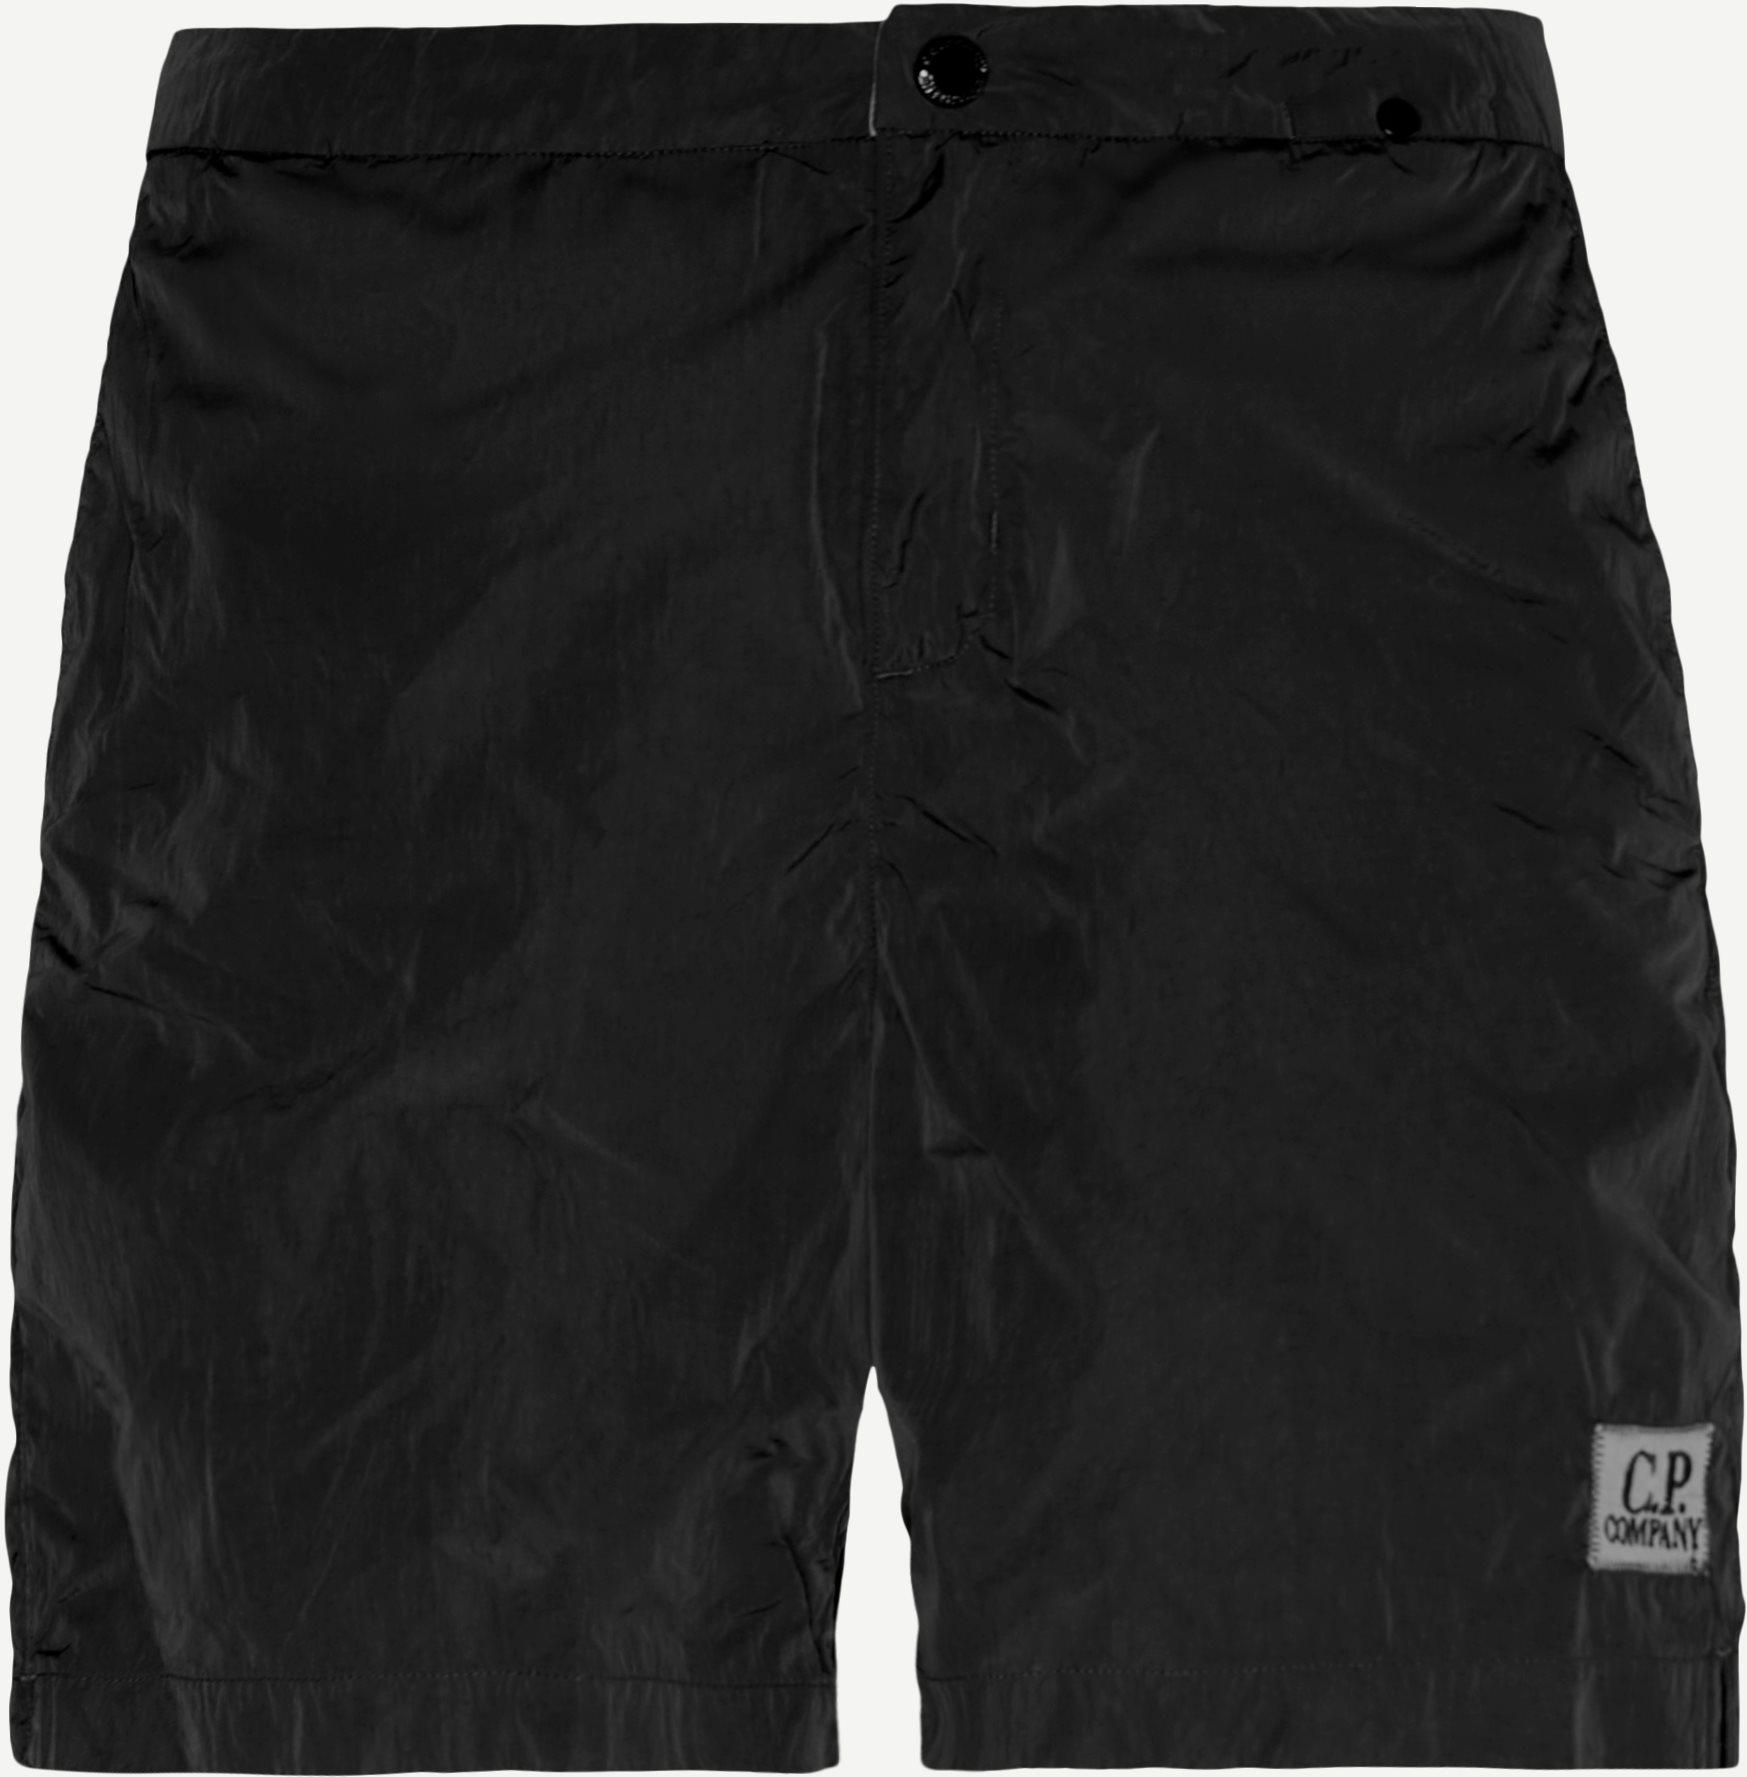 Badeshorts - Shorts - Regular fit - Sort